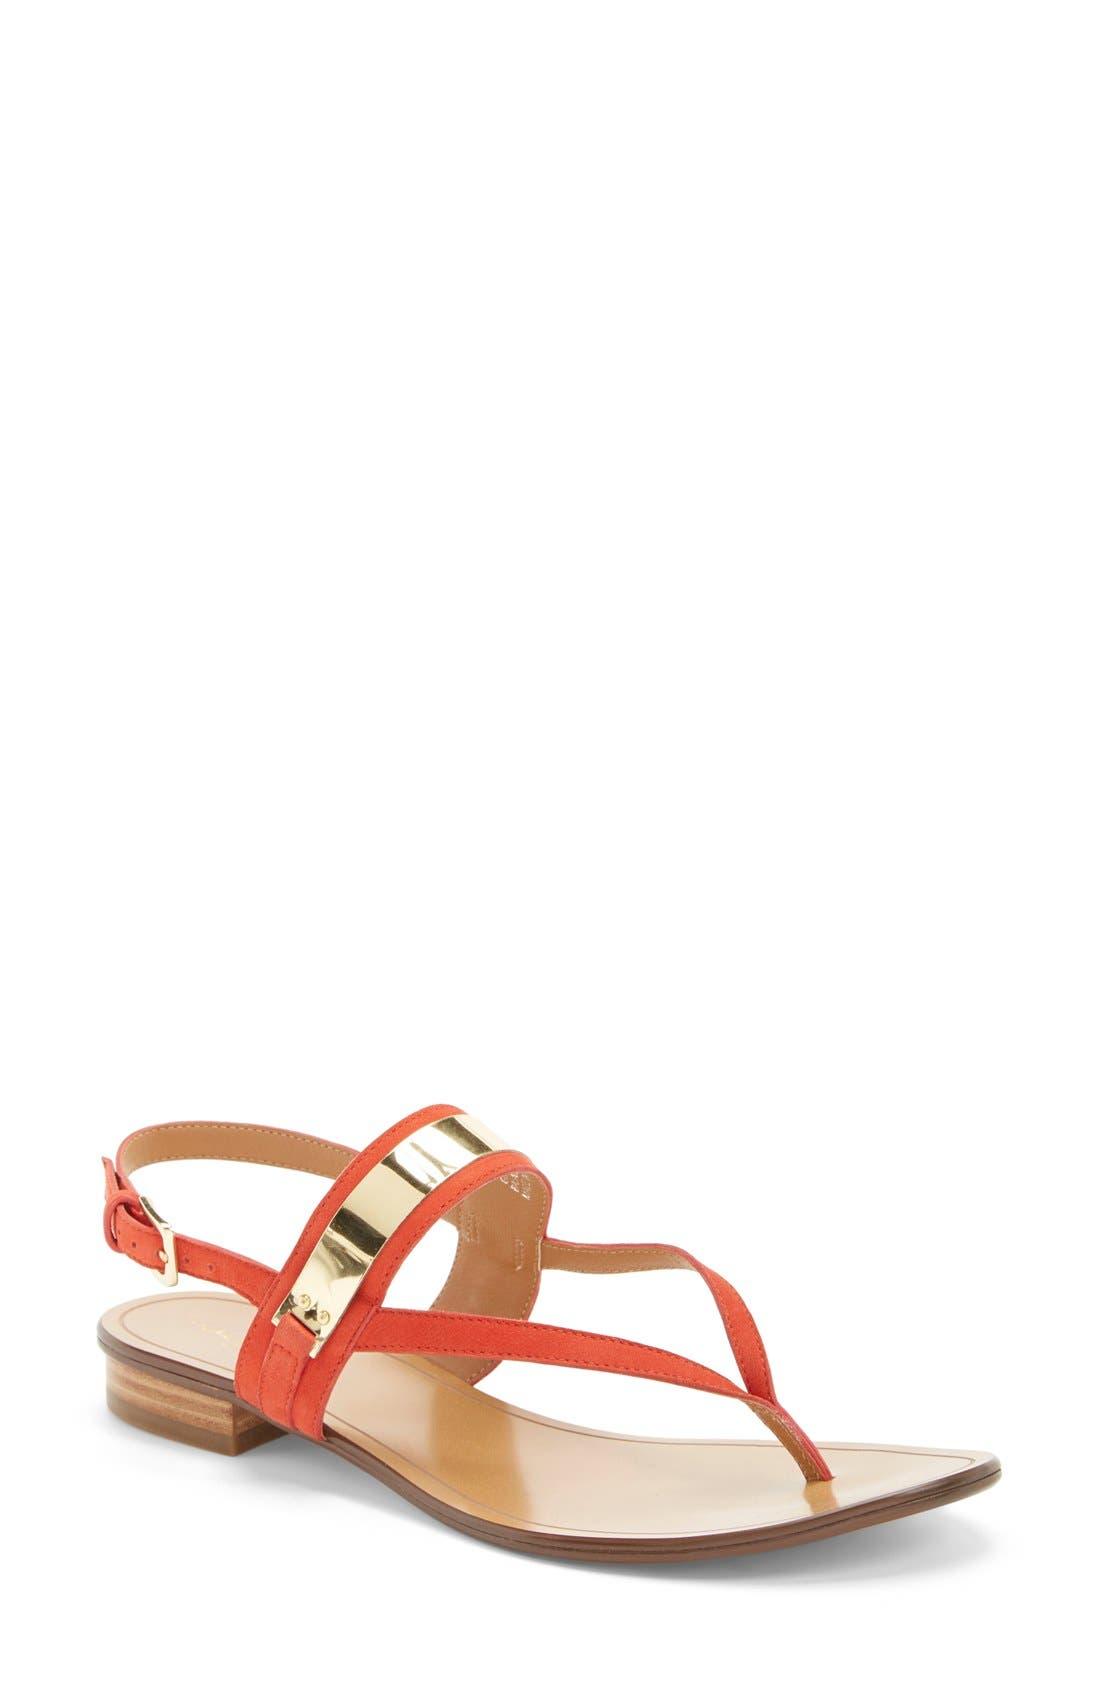 Main Image - Halogen® 'Rita' Thong Sandal (Women)